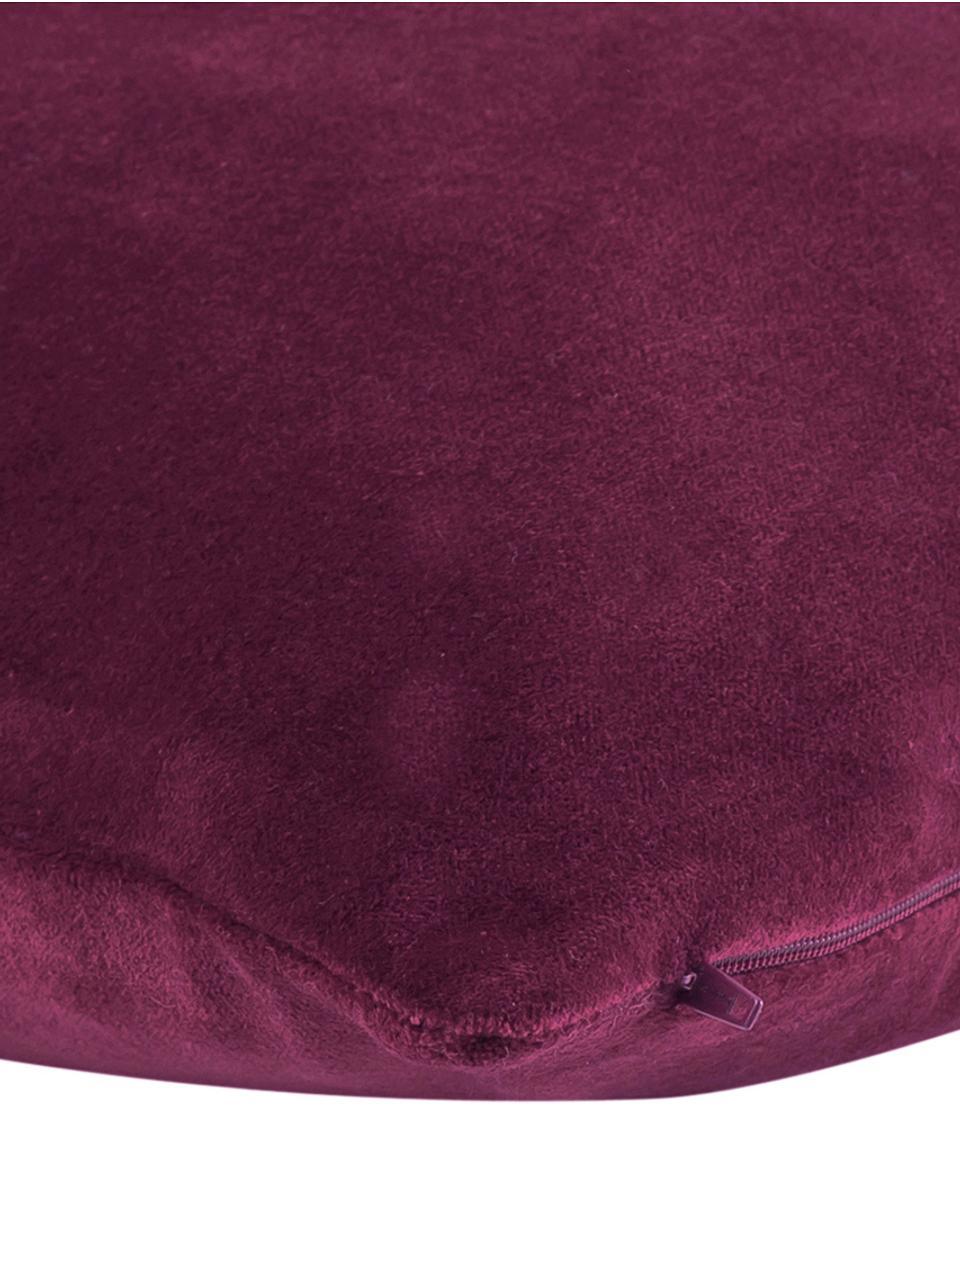 Einfarbige Samt-Kissenhülle Dana in Weinrot, 100% Baumwollsamt, Weinrot, 50 x 50 cm